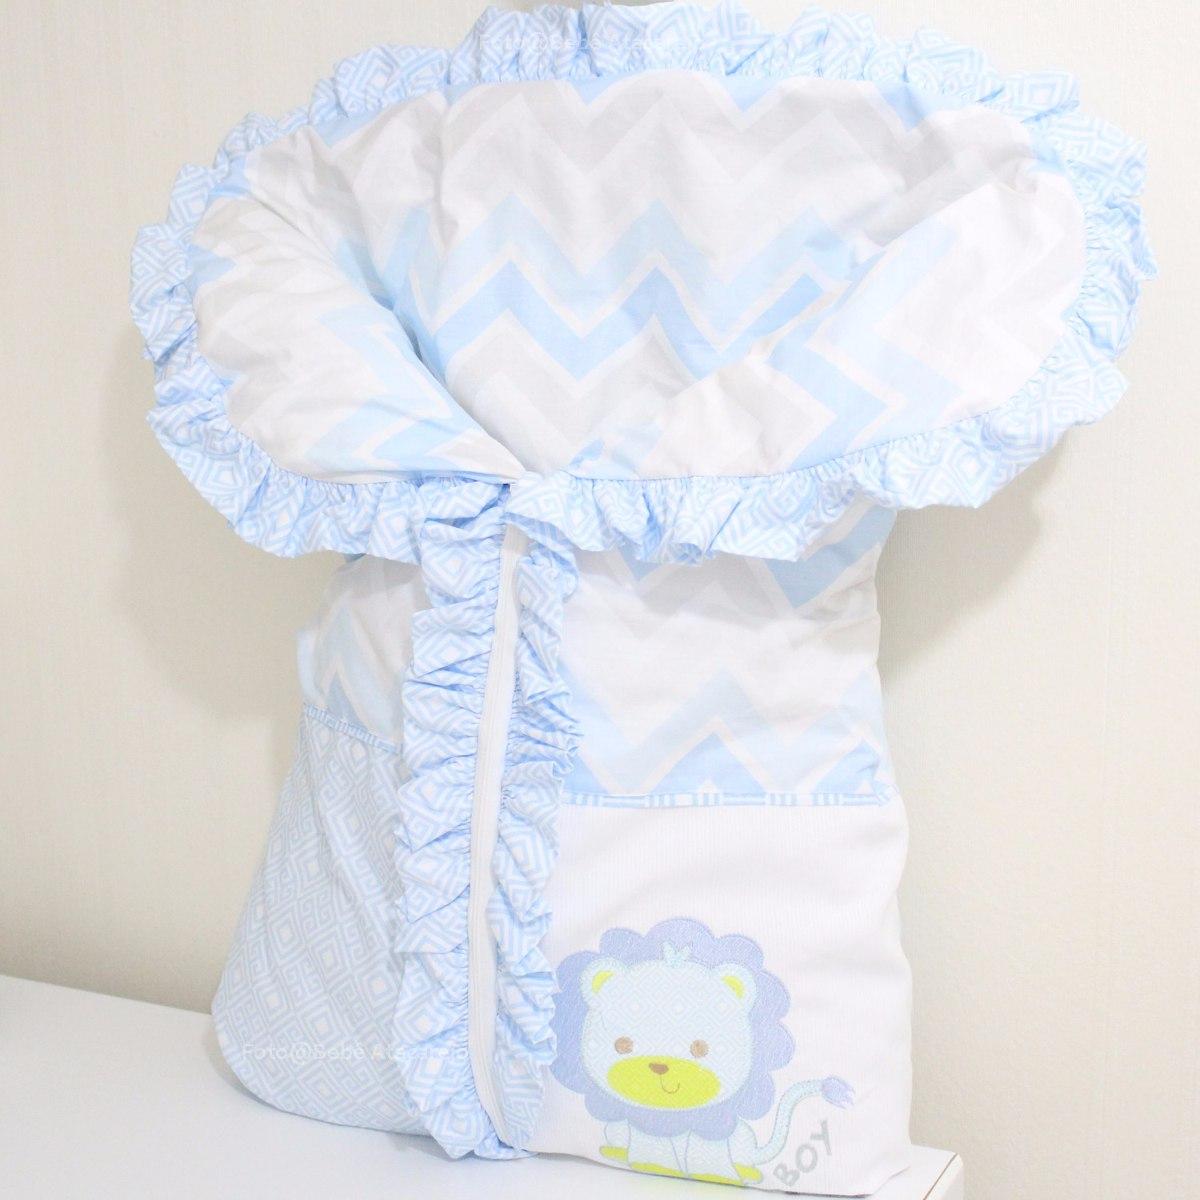 66a8b9939 saco de dormir porta bebê recém nascido chevron luxo. Carregando zoom.